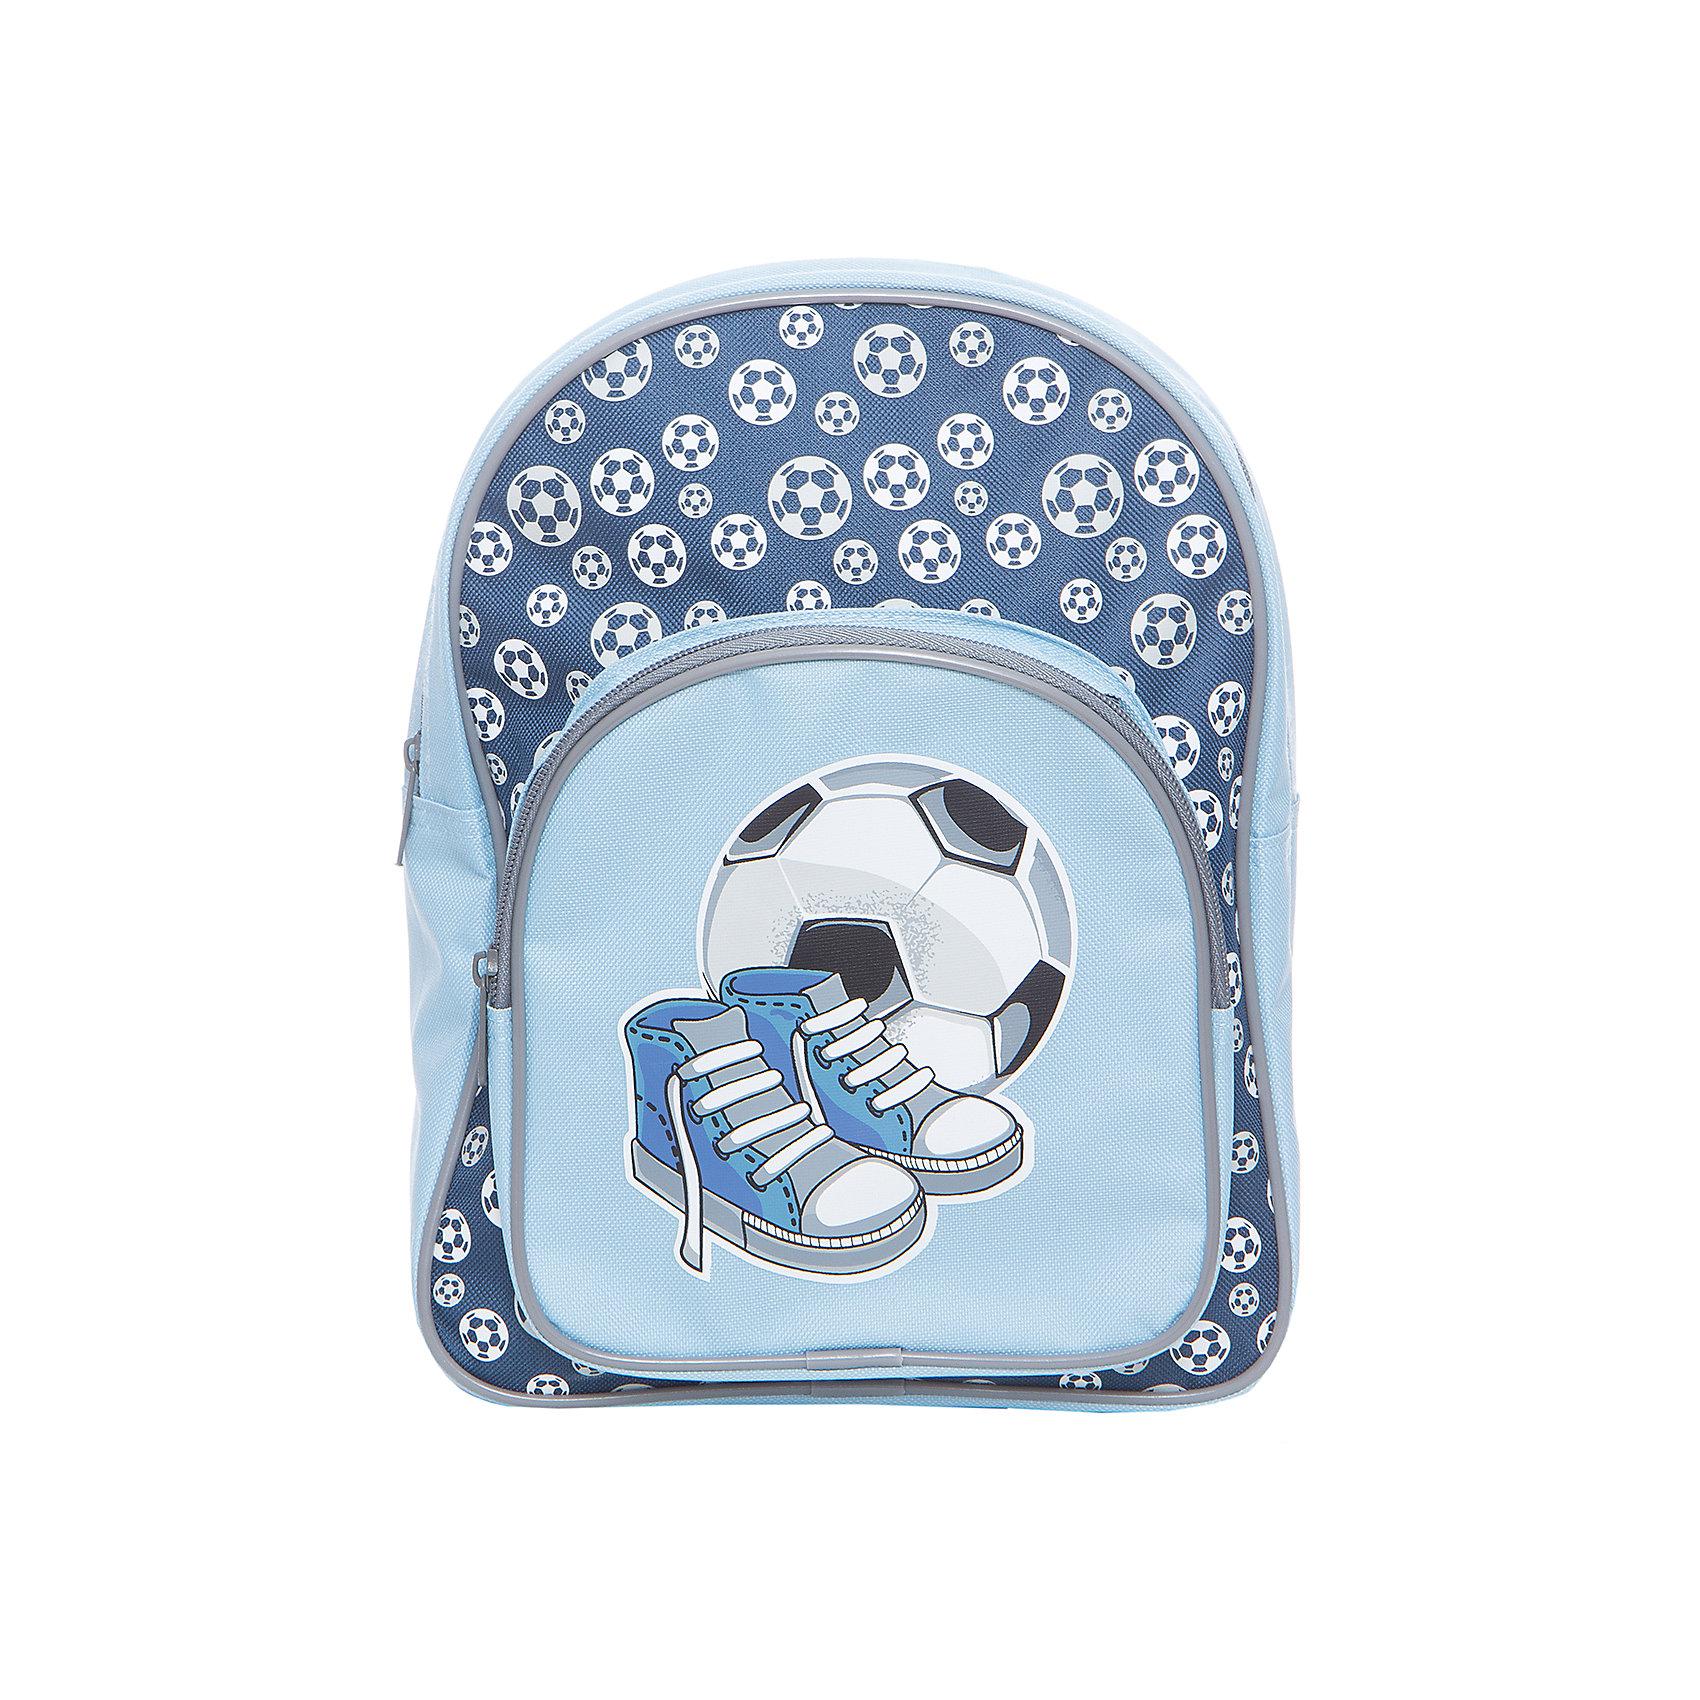 Рюкзак Спорт 23*8*30 см.Детские рюкзаки<br>Симпатичный детский рюкзак Спорт от производителя Mary Poppins выполнен в сине-голубой цветовой гамме. У рюкзачка есть вместительное отделение, оно застегивается на молнию. Внешний карман тоже застегивается на молнию, он украшен принтом с изображением мяча и кроссовок. Широкие лямки позволяют носить рюкзак на спине. В рюкзачке можно носить спортивную форму, книжки и игрушки. Изделие изготовлено из синтетического материала, его можно стирать.<br><br>Ширина мм: 230<br>Глубина мм: 300<br>Высота мм: 800<br>Вес г: 217<br>Возраст от месяцев: 36<br>Возраст до месяцев: 2147483647<br>Пол: Мужской<br>Возраст: Детский<br>SKU: 5508541